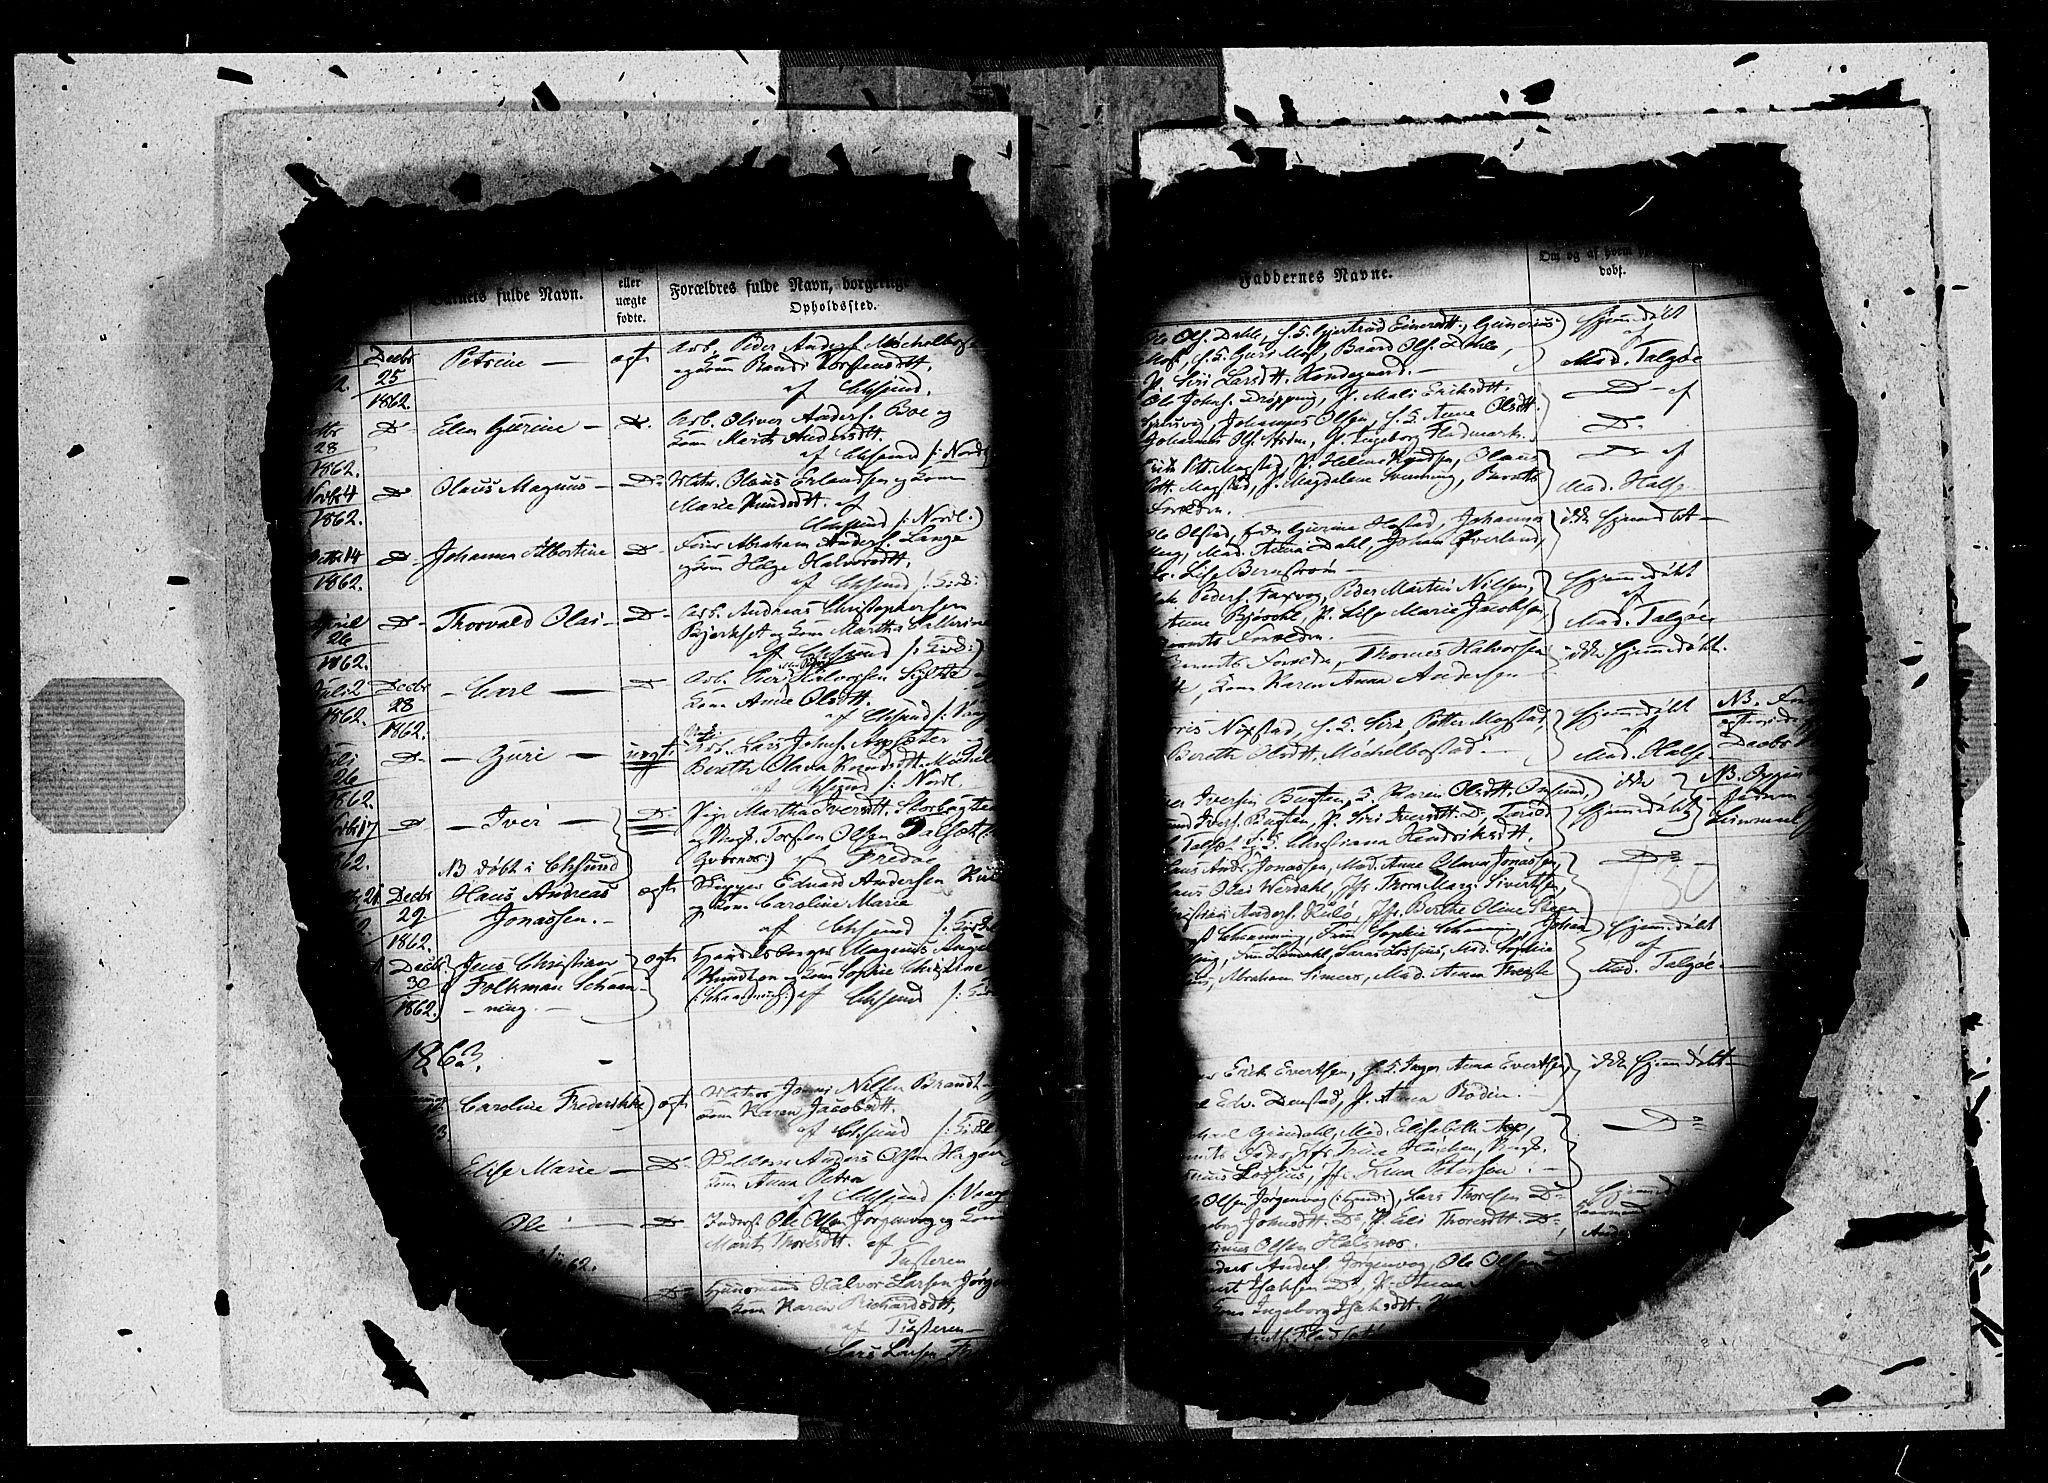 SAT, Ministerialprotokoller, klokkerbøker og fødselsregistre - Møre og Romsdal, 572/L0846: Ministerialbok nr. 572A09, 1855-1865, s. 130